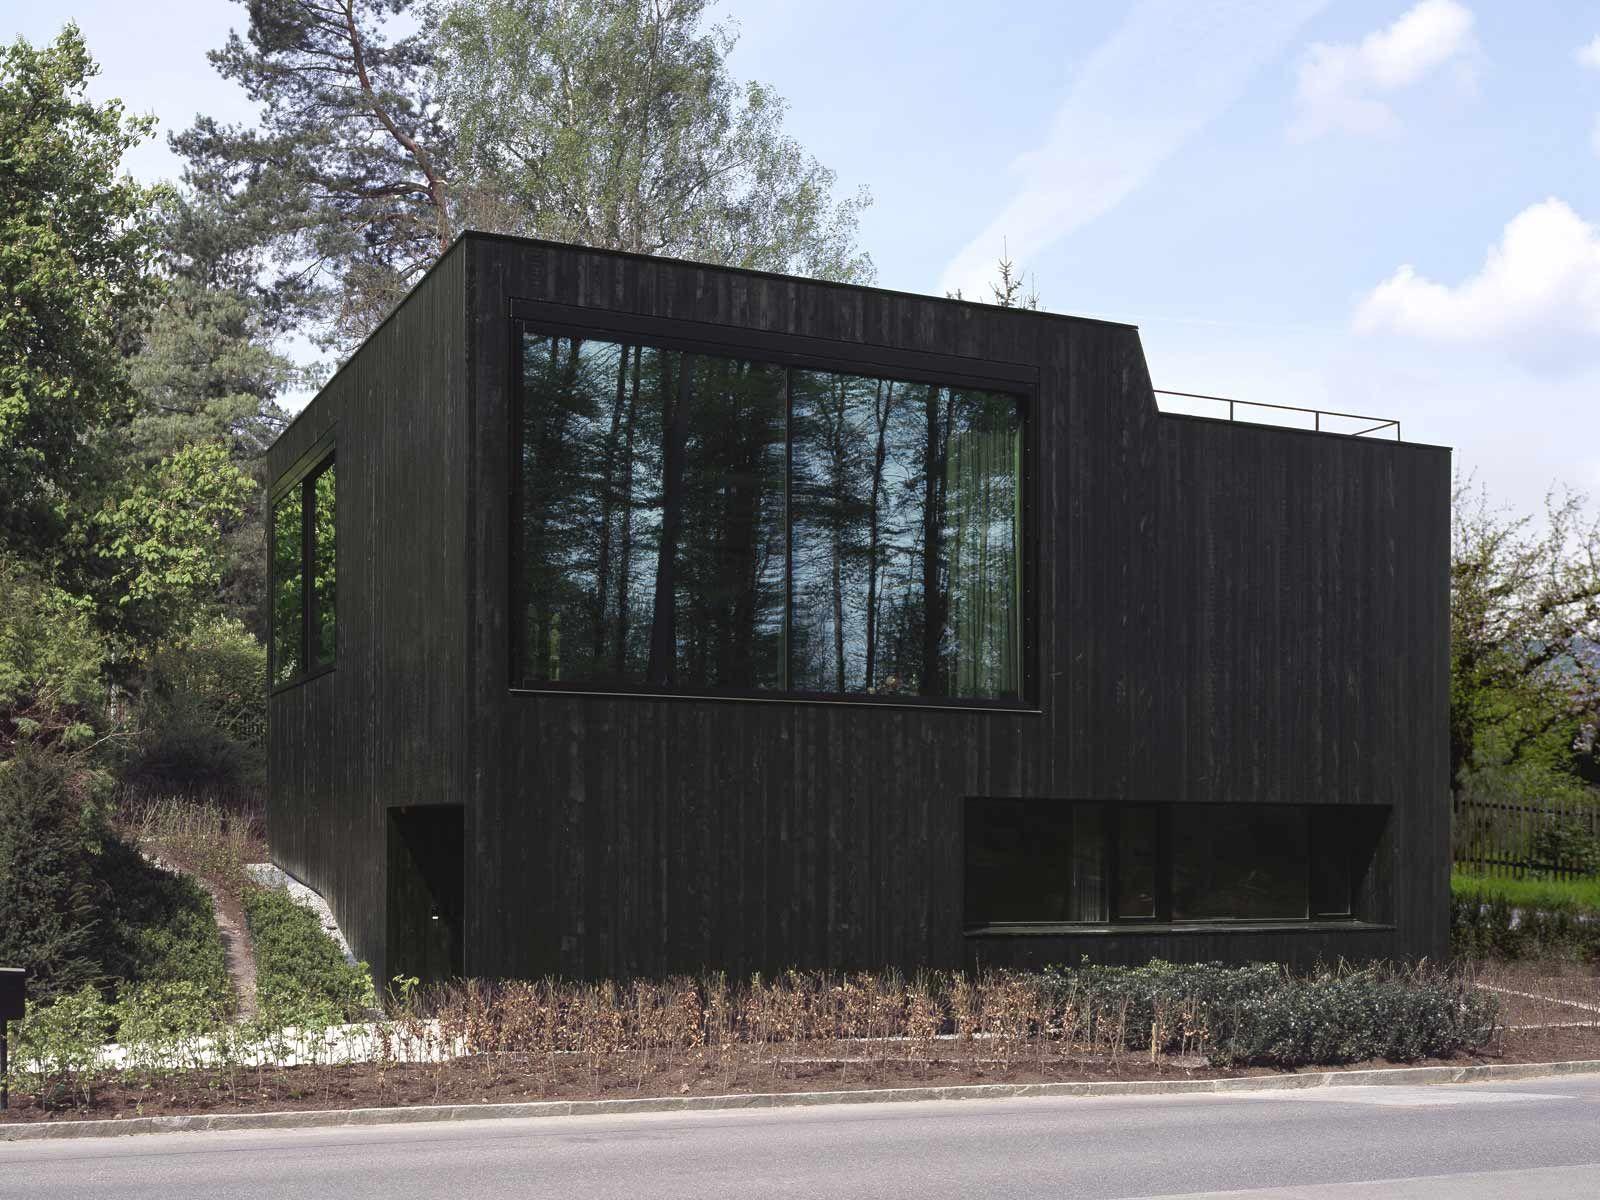 Schwarze Fassade more black for rob allen schneider schneider architekten